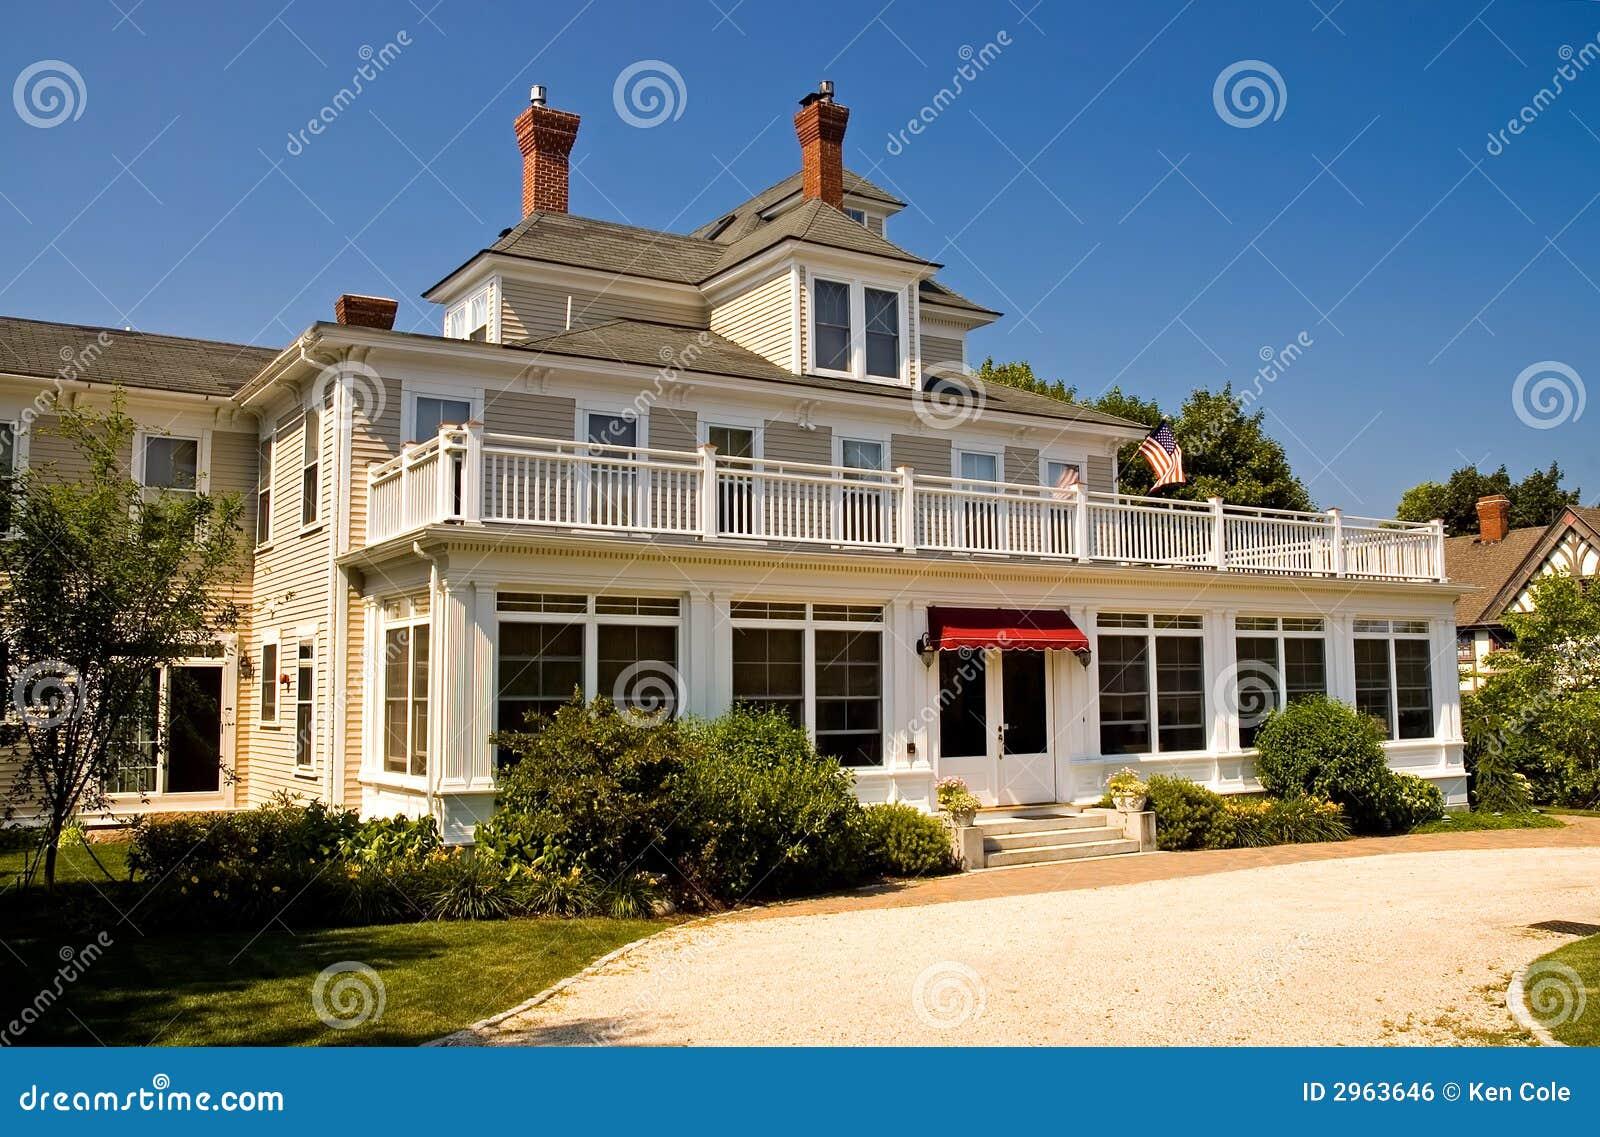 Entrance to resort inn